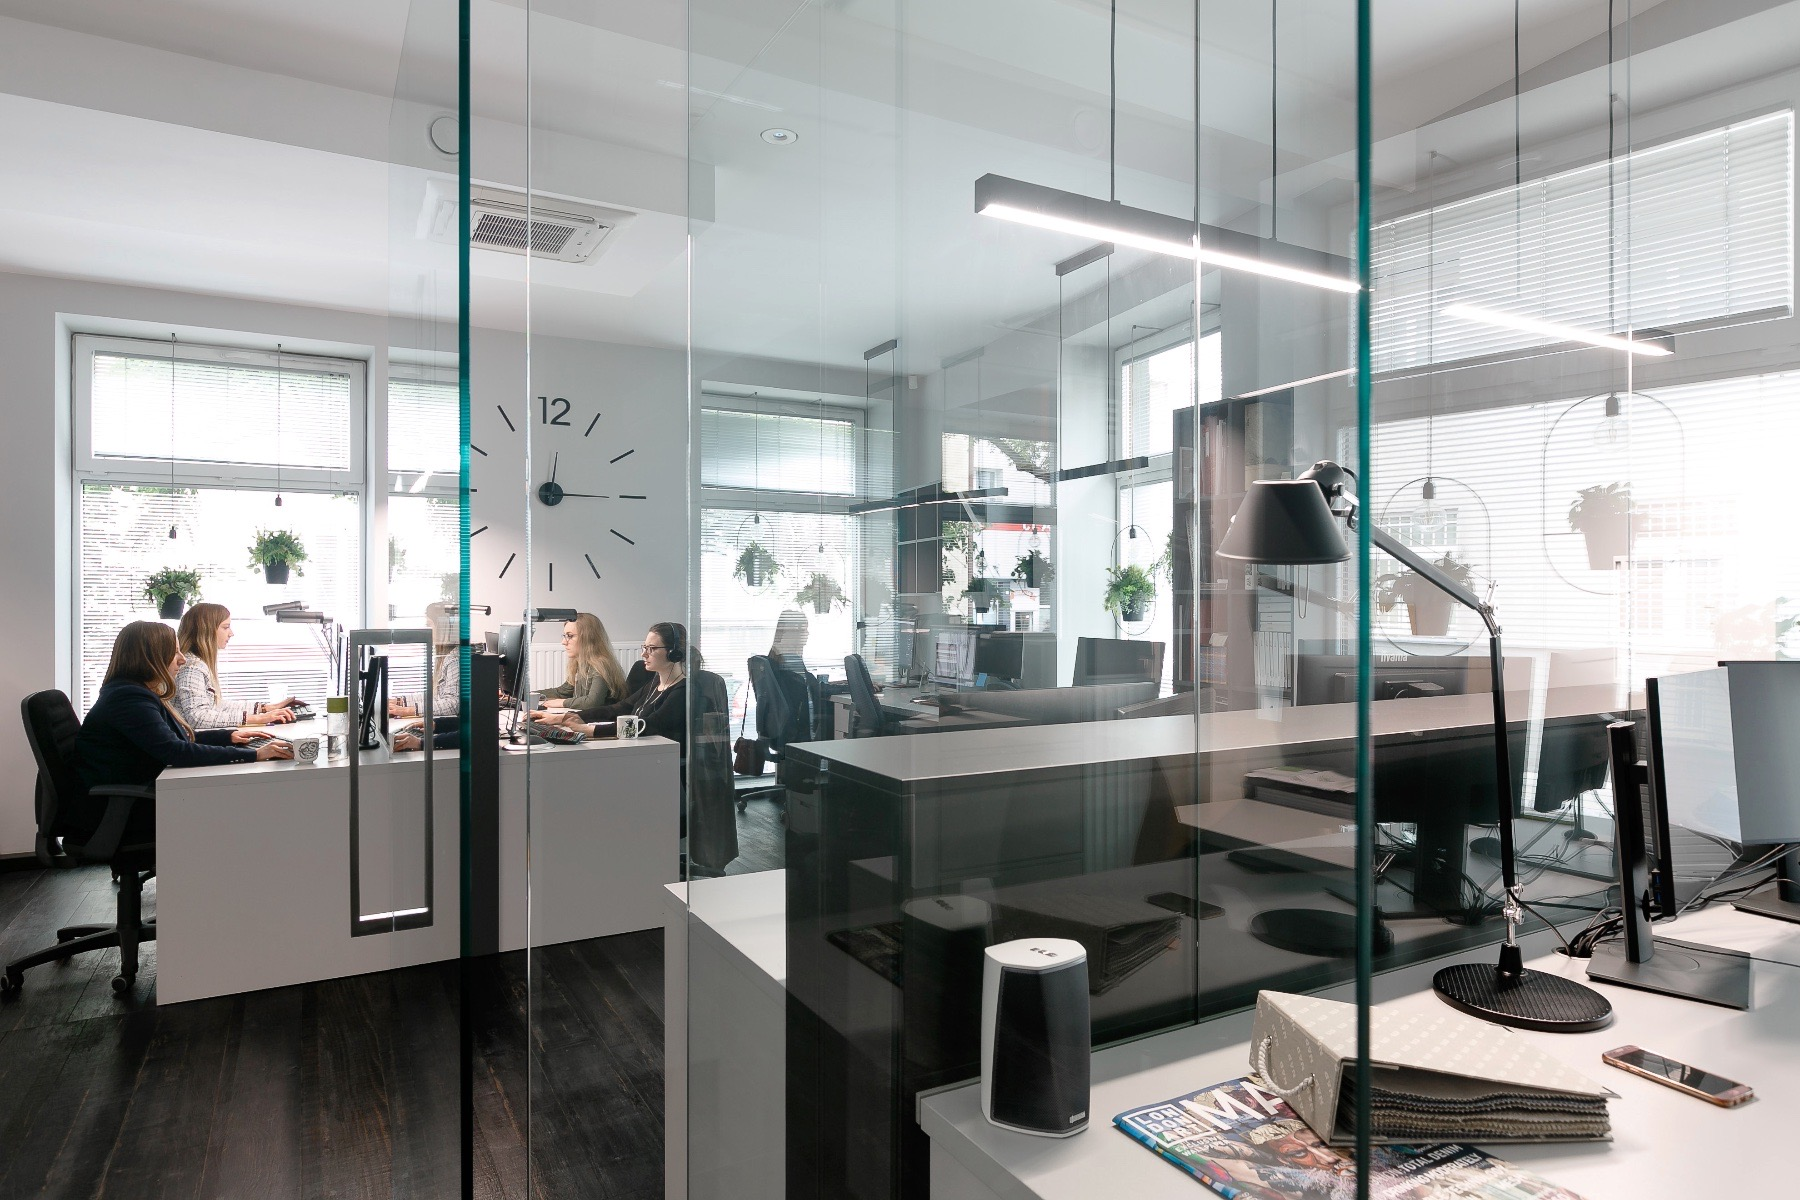 mikolajskastudio-office-poland-office-4